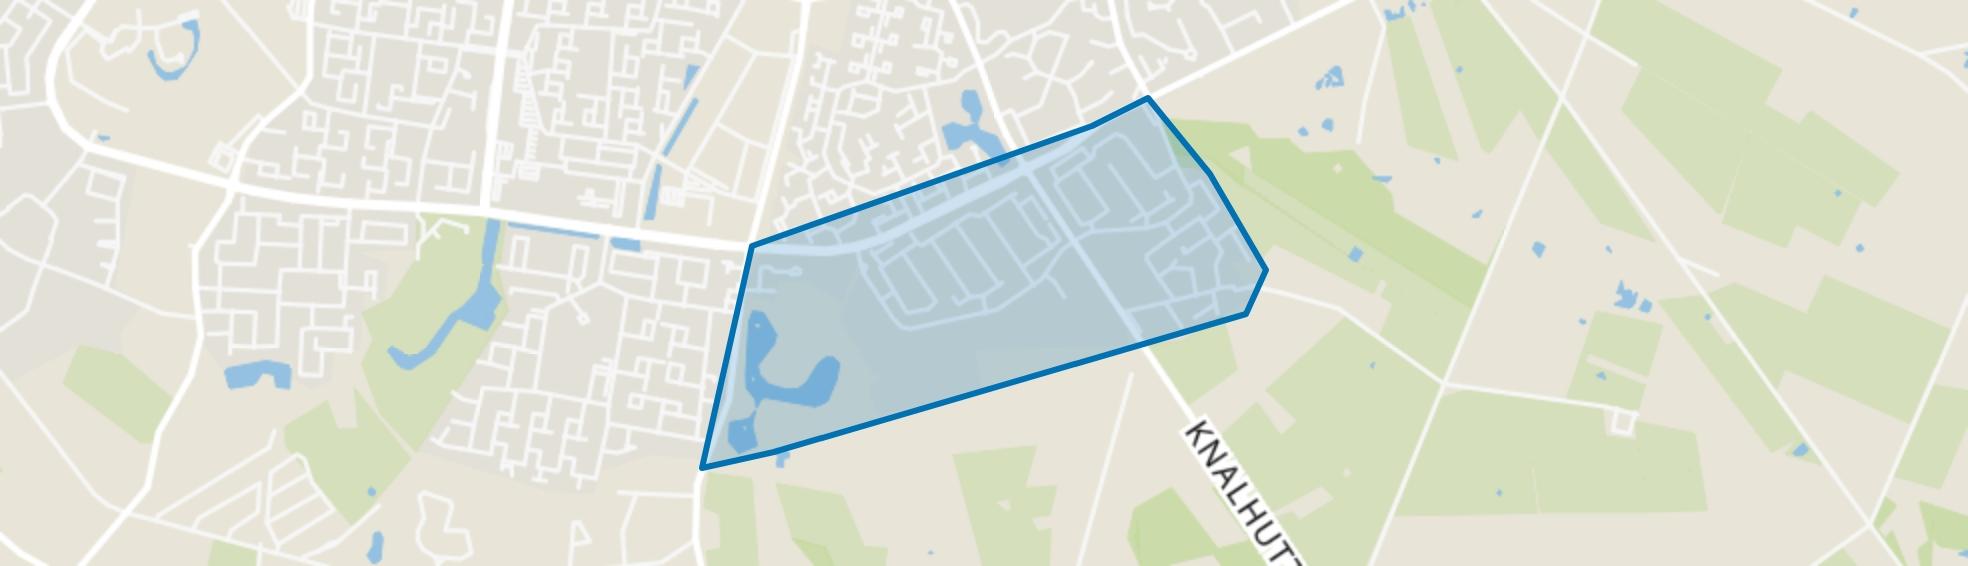 Stroinkslanden-Zuid, Enschede map